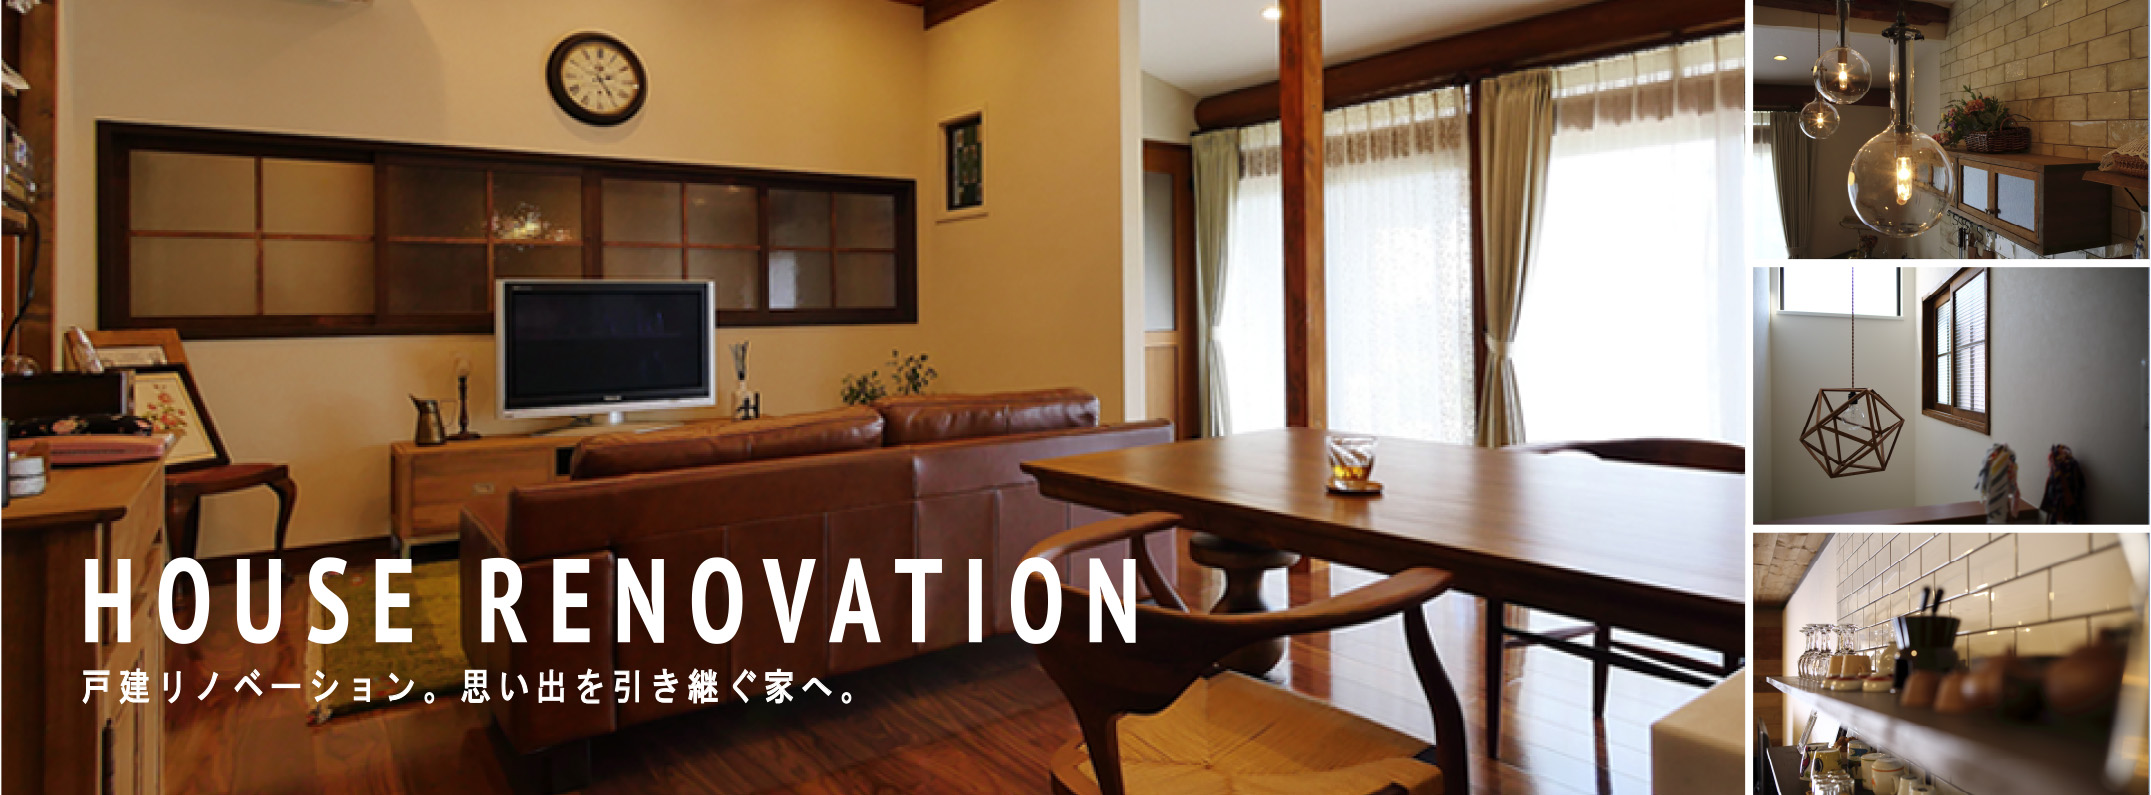 戸建てリノベーション。思い出を引き継ぐ家へ。